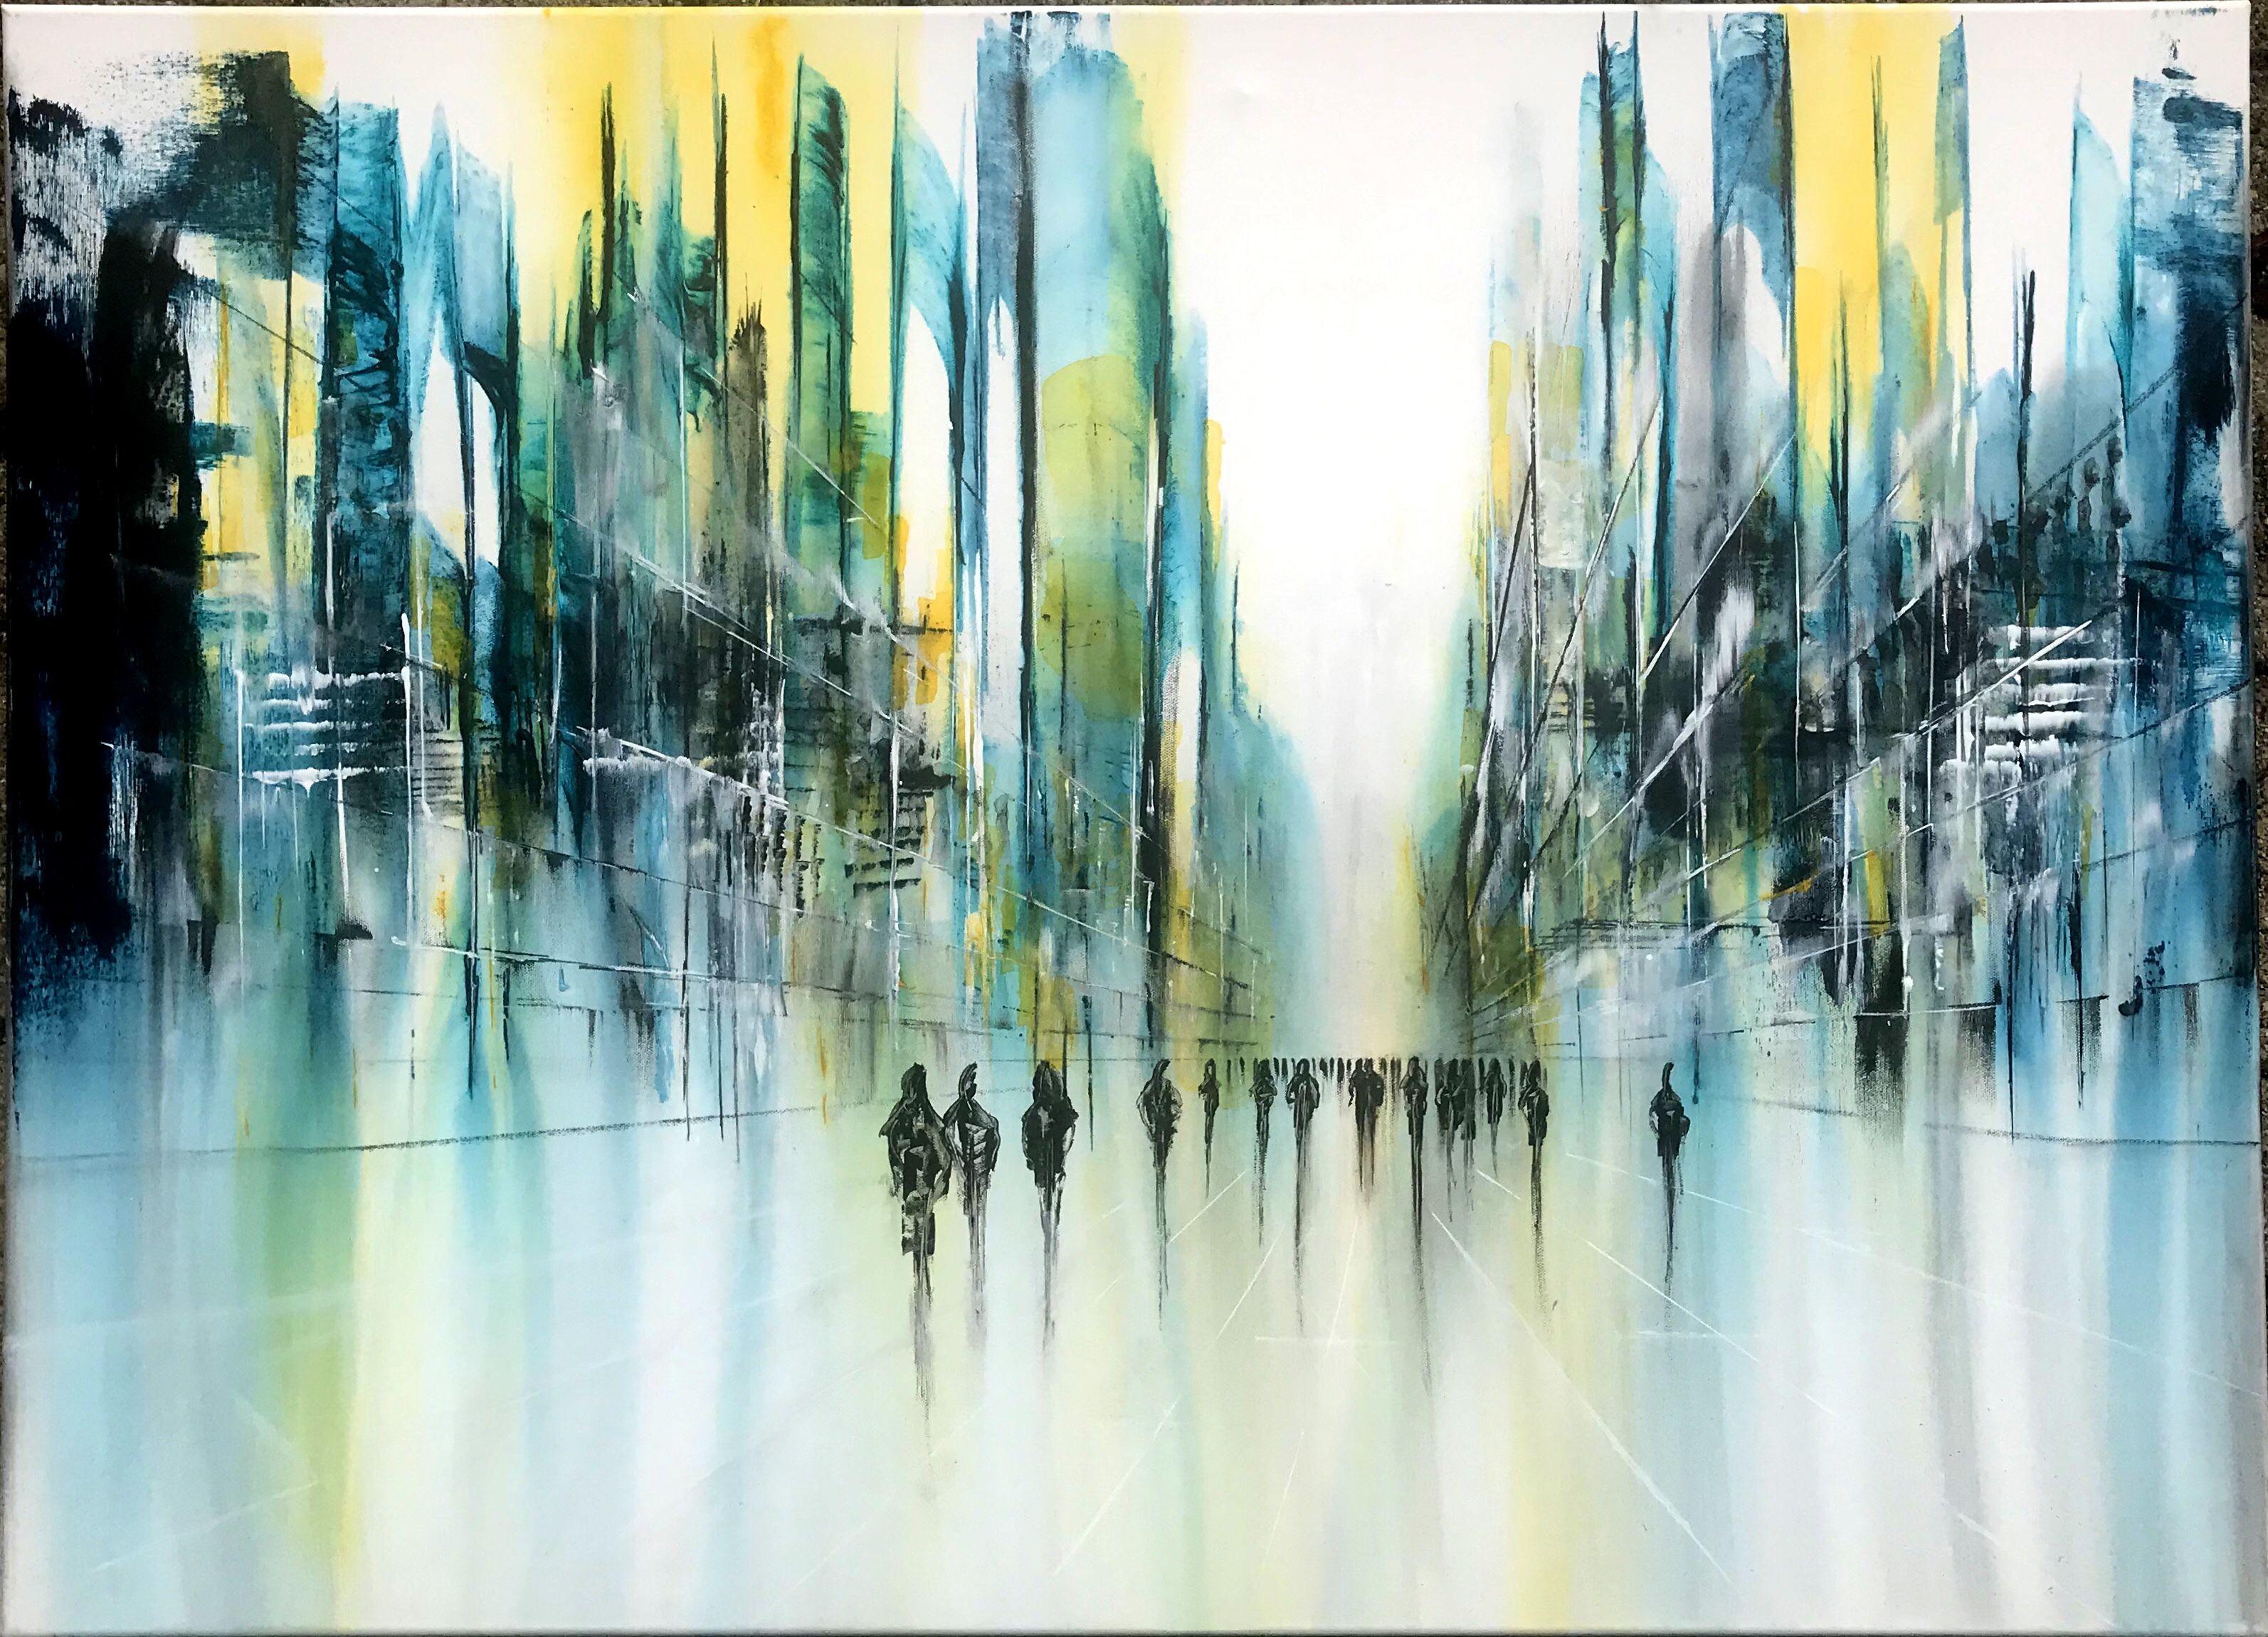 akt x kunst freien galerien